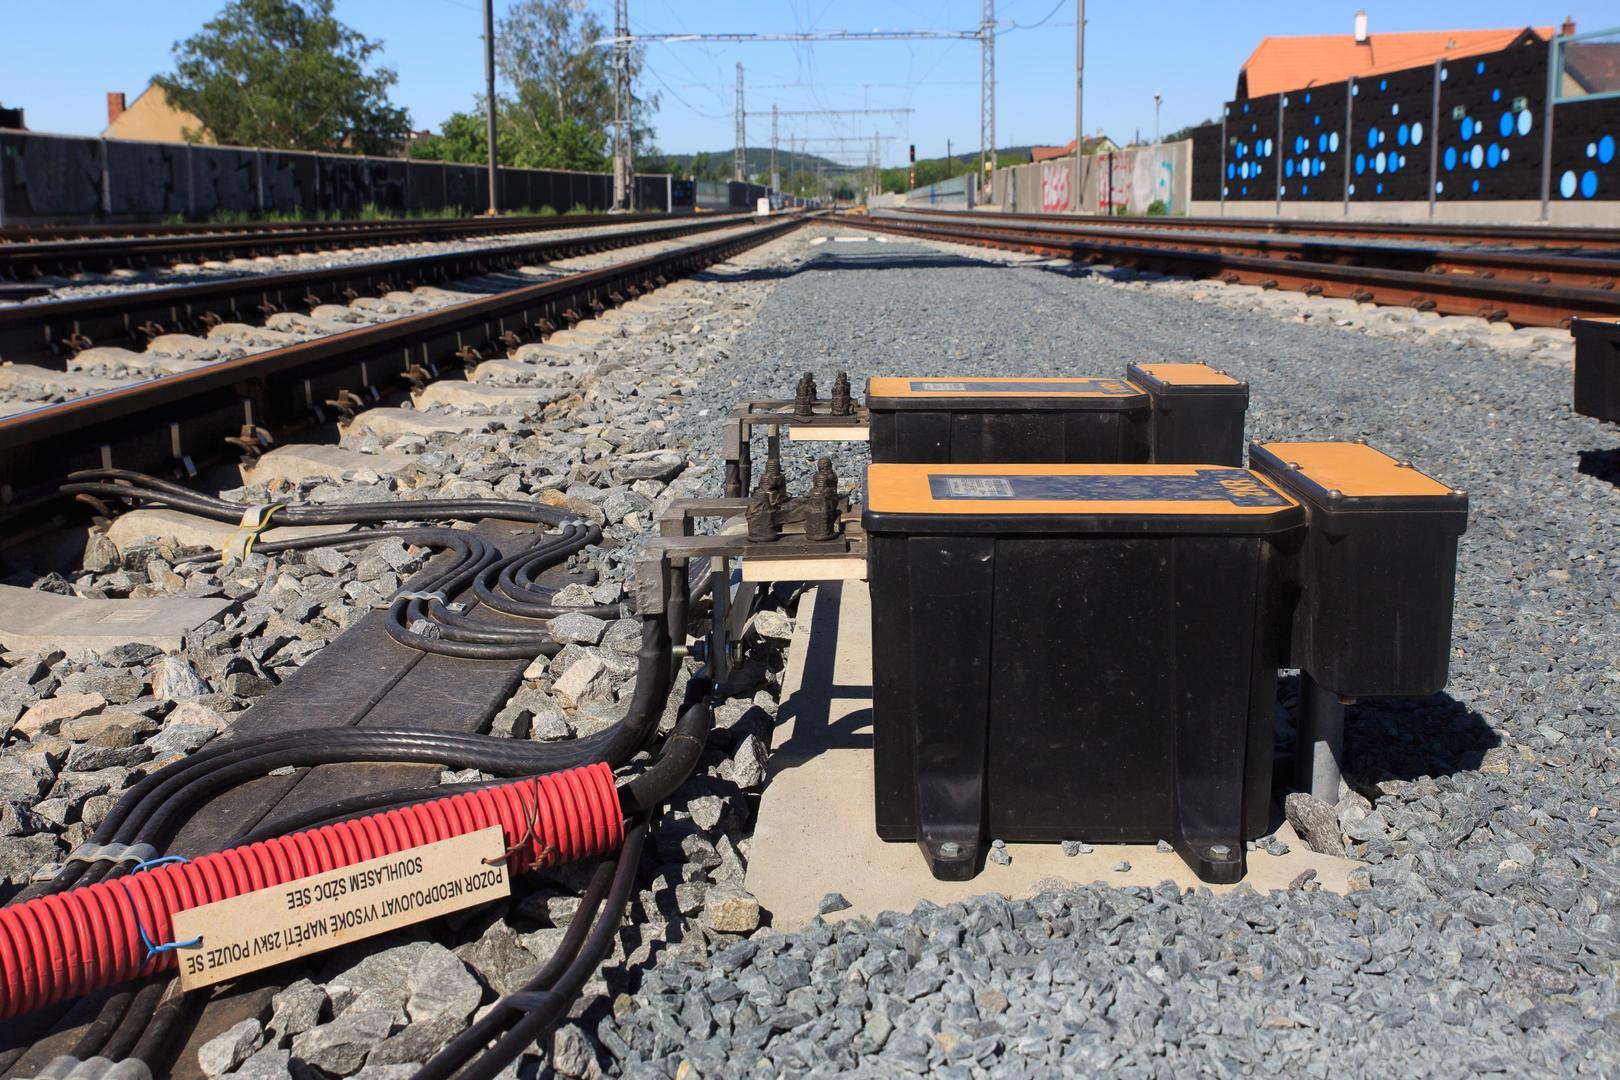 Az AŽD Praha a vasúti berendezések gyártásában az élen jár